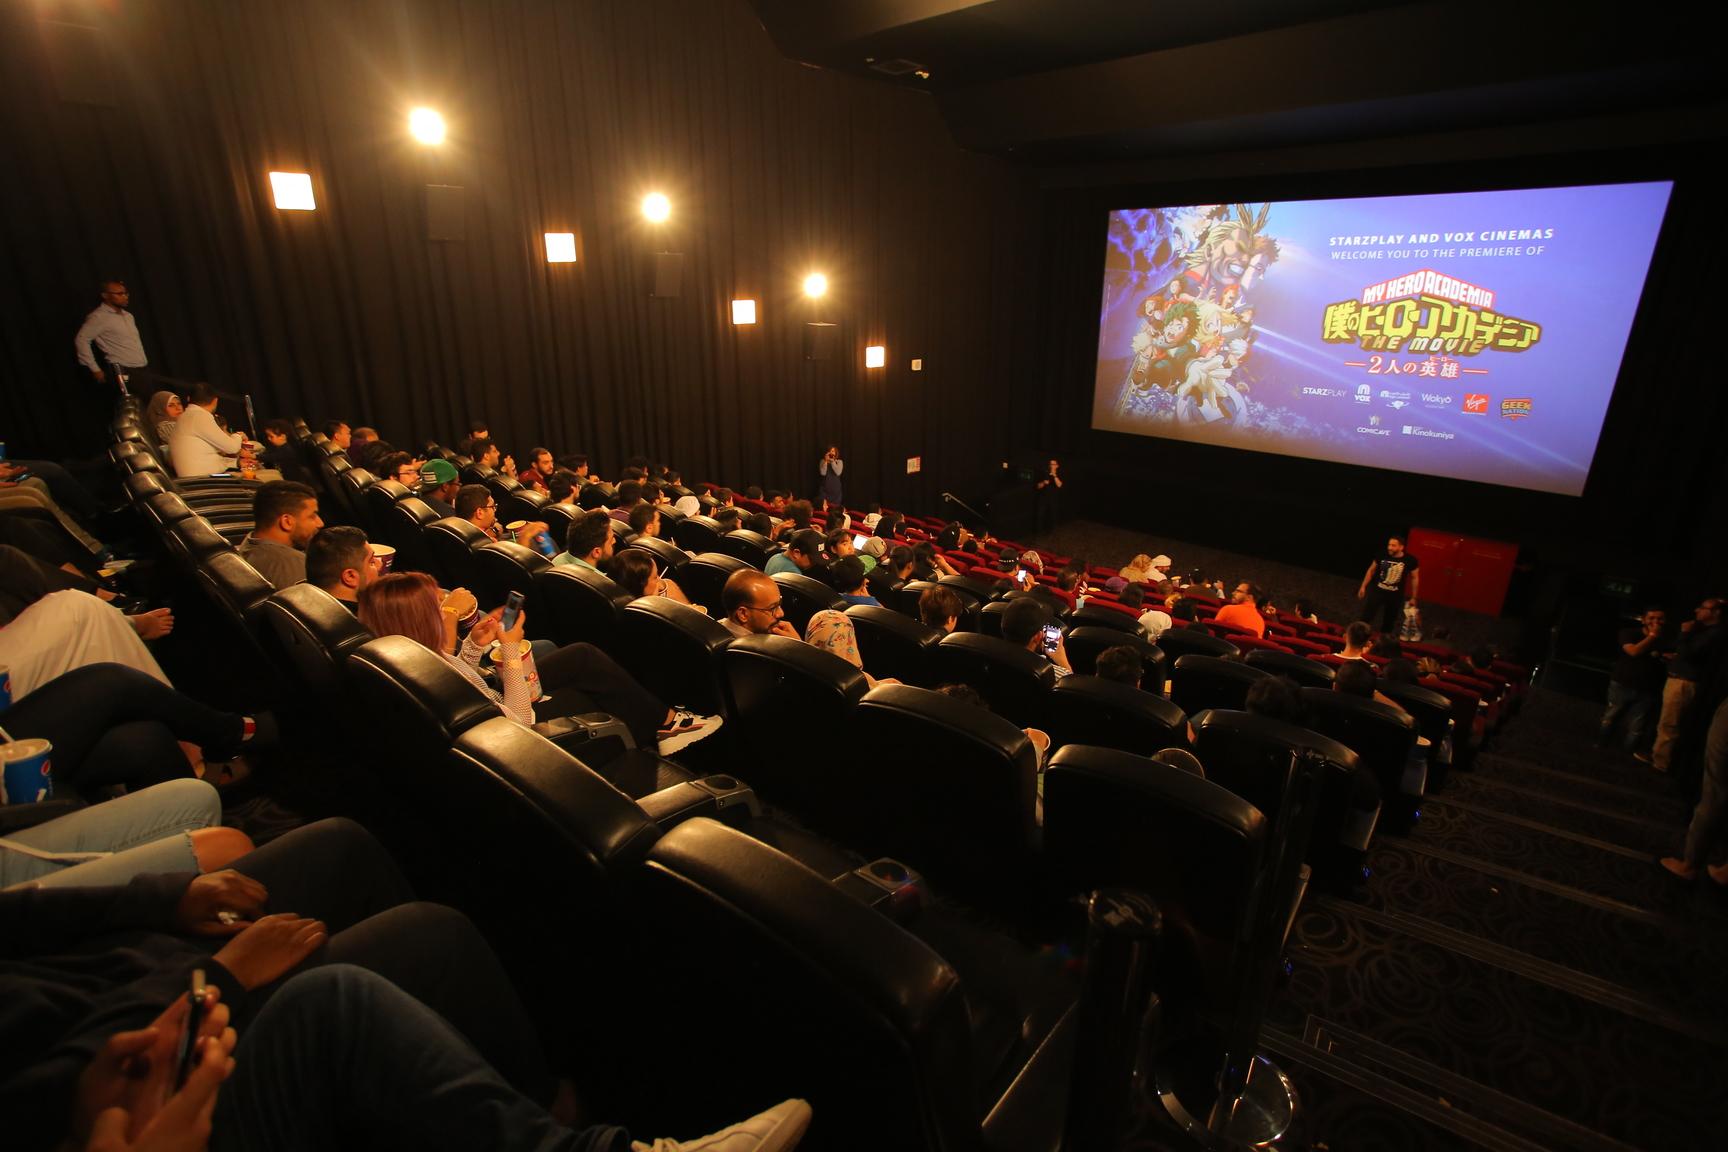 ستارزبلاي و فوكس سينما تعرضان فيلم ماي هيرو أكاديميا تو هيروز في الإمارات